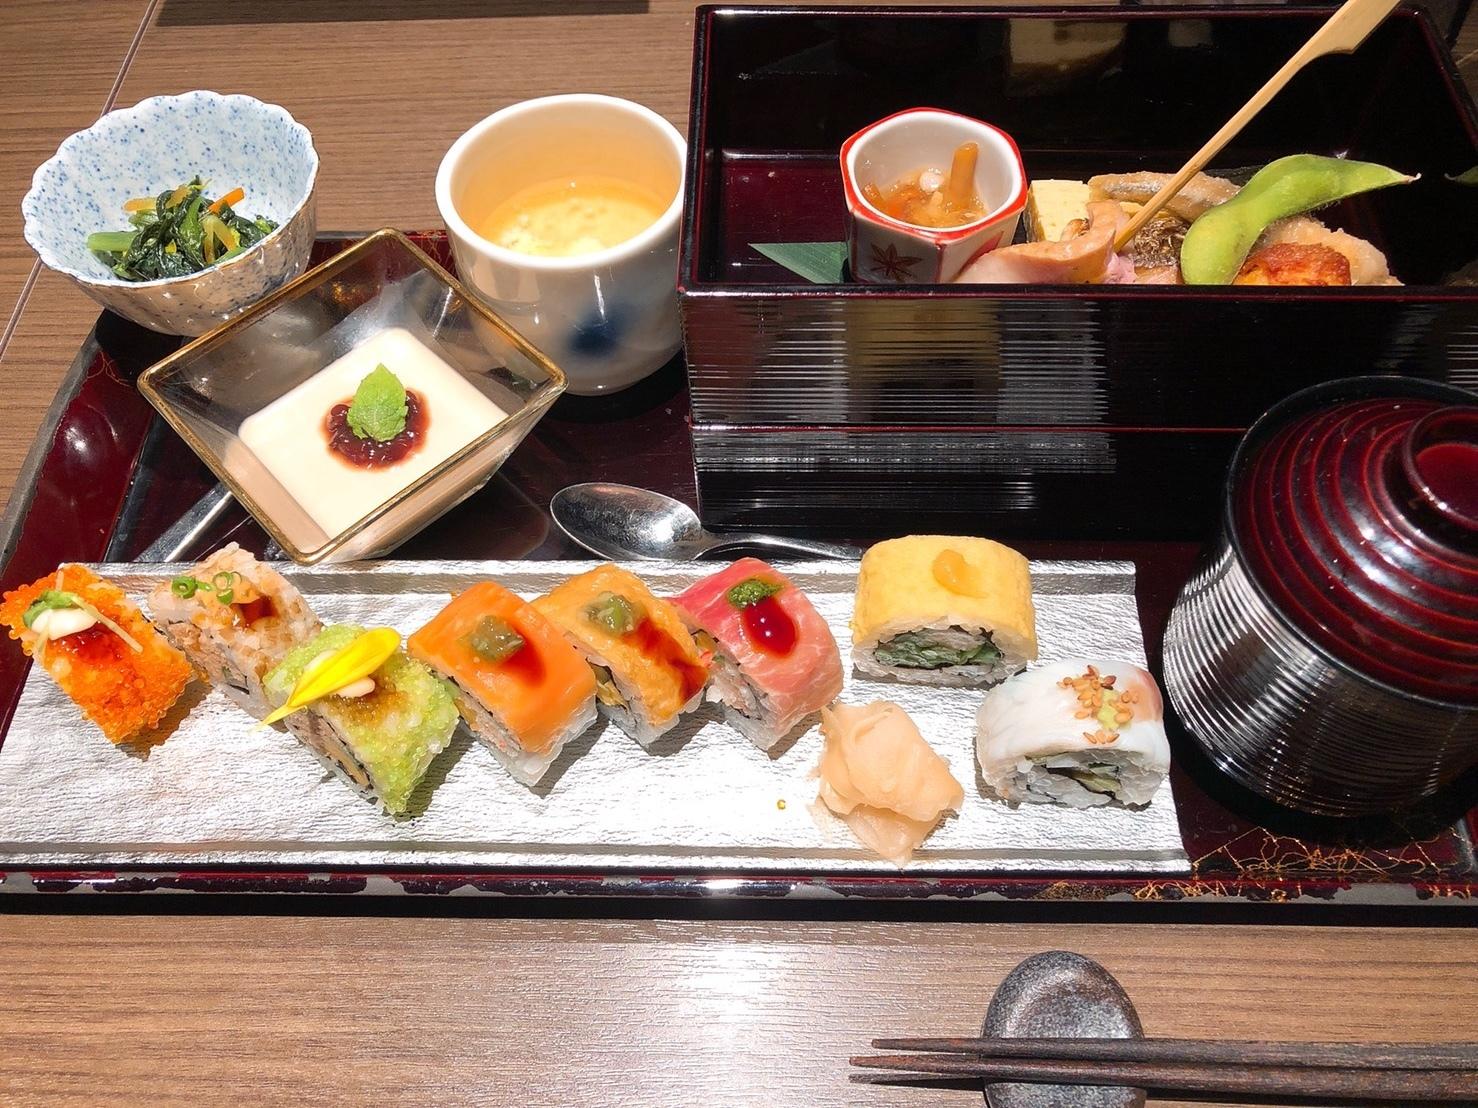 インスタ映えも♡銀座でお得な寿司ランチ!_1_2